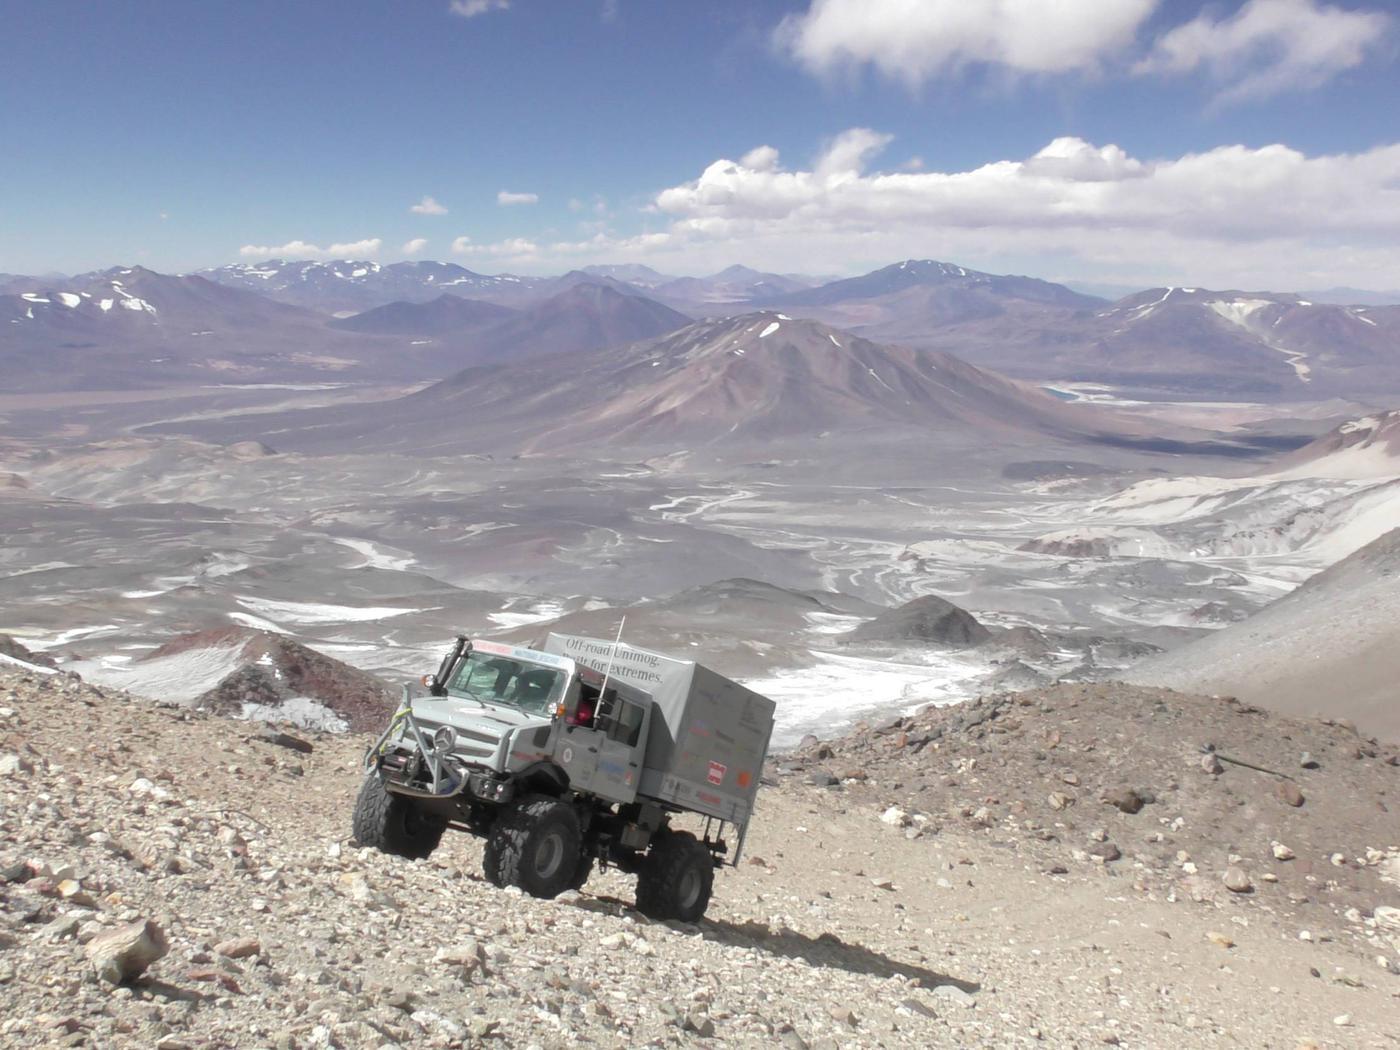 Gipfelsturm Zum Weltrekord Gaggenauer Unimog Fahrt Auf 6 694 Hohenmeter